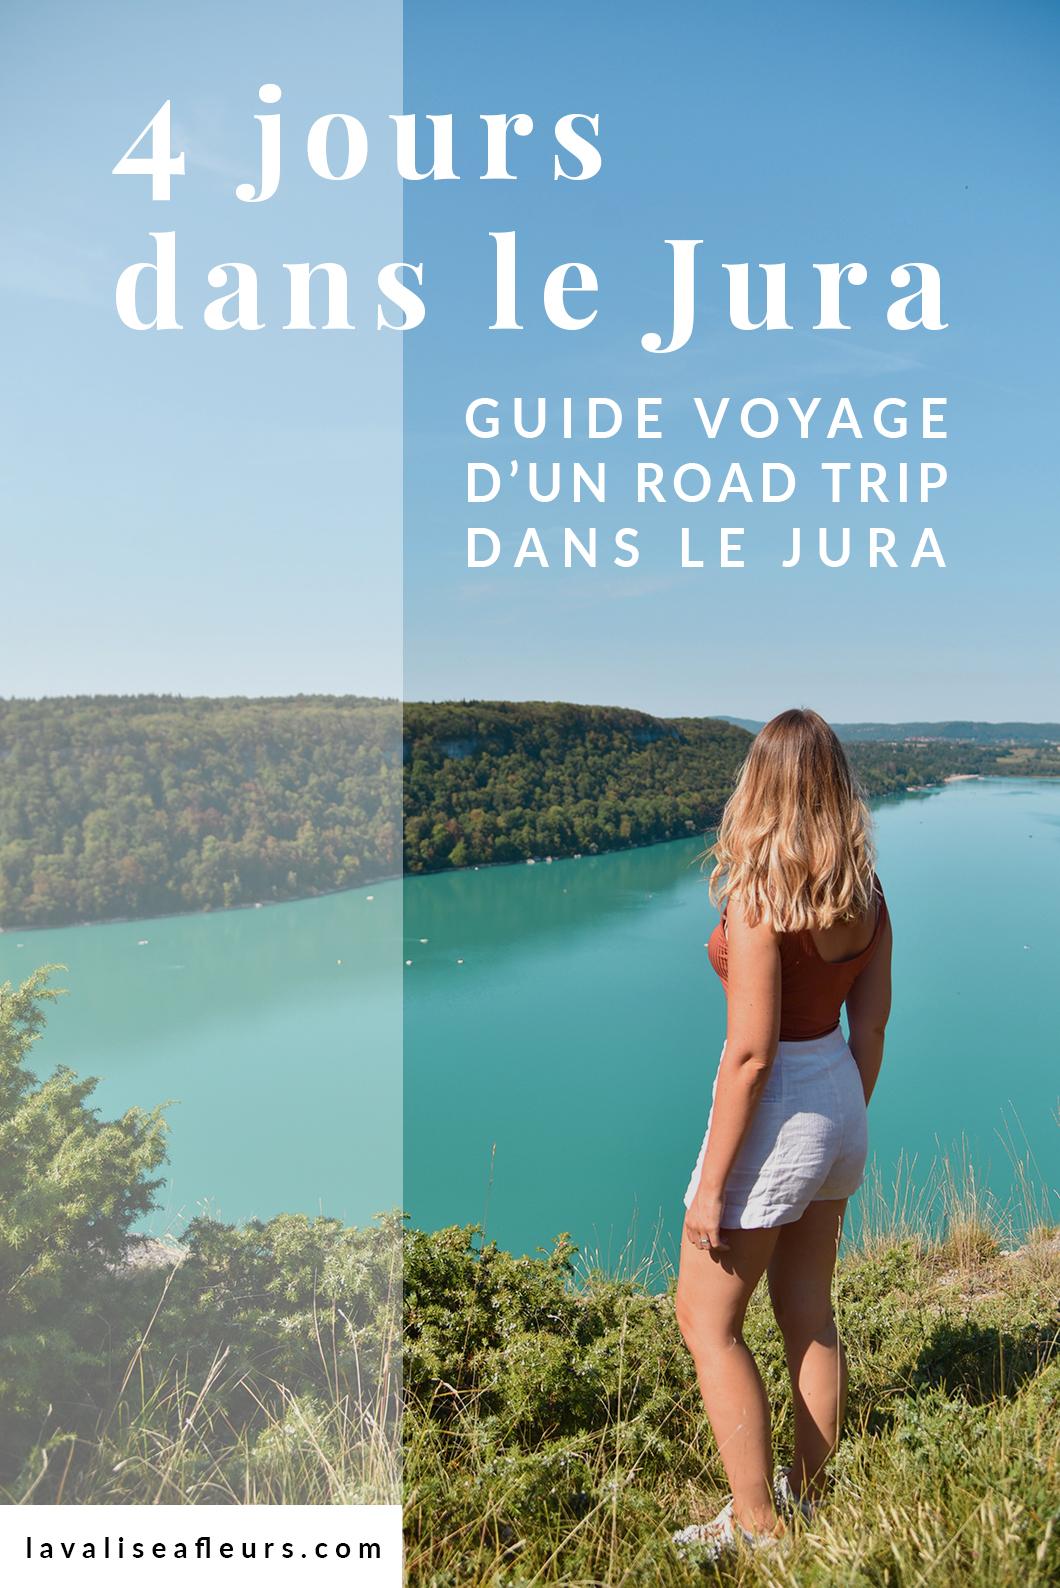 Guide voyage de 4 jours dans le Jura